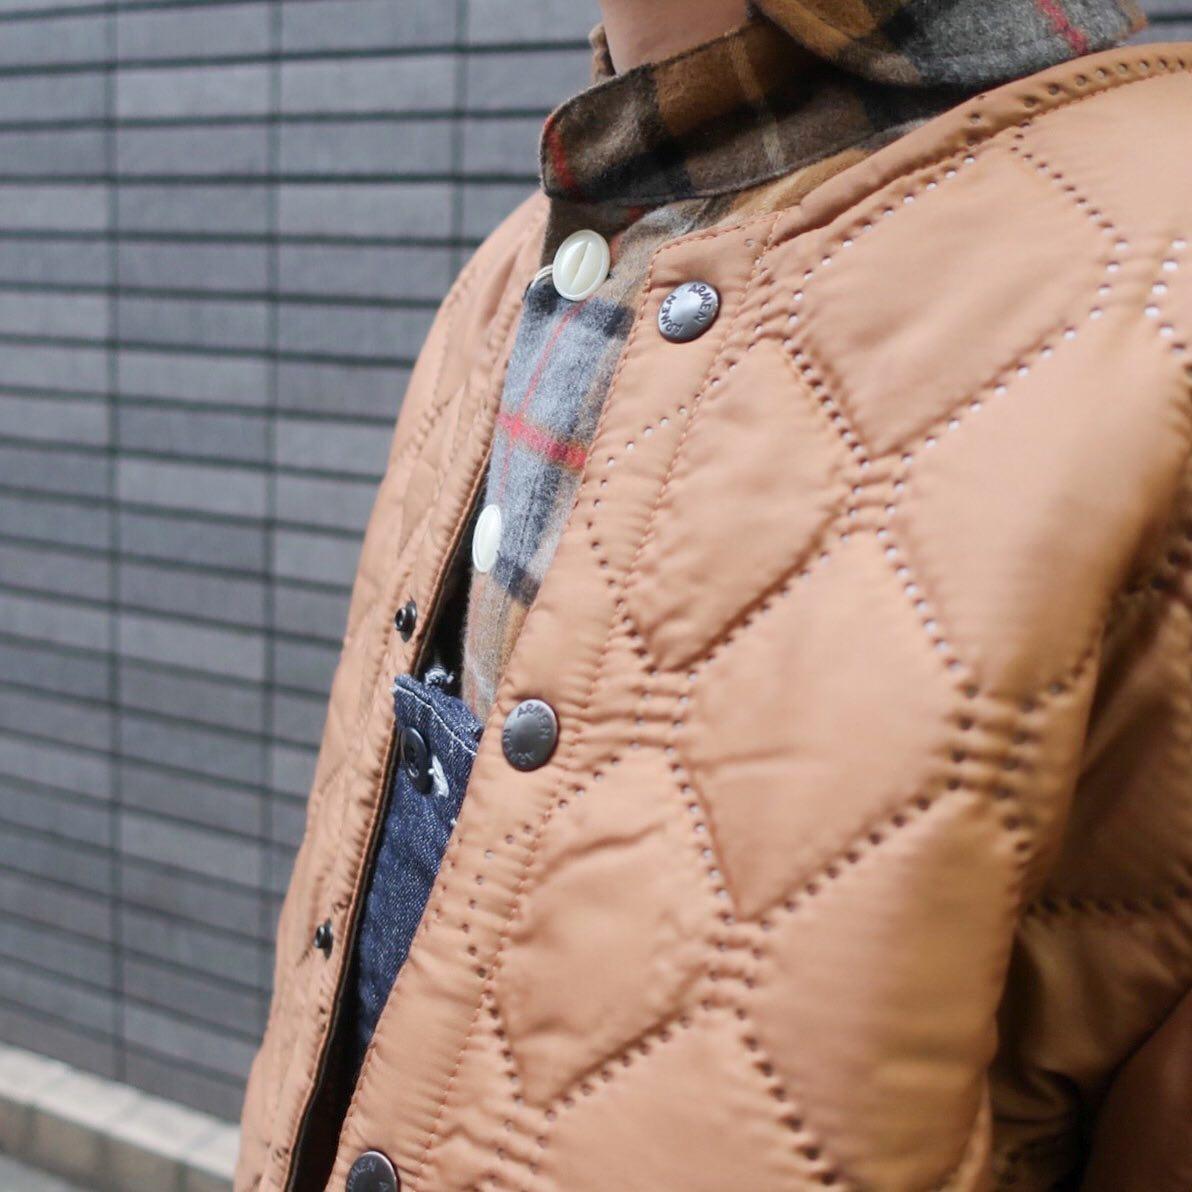 .#armen.アーメンのキルティングロングジャケット!軽い着心地で寒い季節の味方。一枚あると便利な一枚です!.※ただ今、アウターフェア中 により、レジにて10%off!!...staff...162㎝....気になる商品がございましたらDMやコメントなどお気軽にお願いします!️.#愛媛#松山#大街道#ehime#matsuyama#BlessofBless#セレクトショップ#今日のコーディネート#お洒落さんと繋がりたい#ニット##シャツ#アーメン#キルティング#ダンスコ#dansko - from Instagram